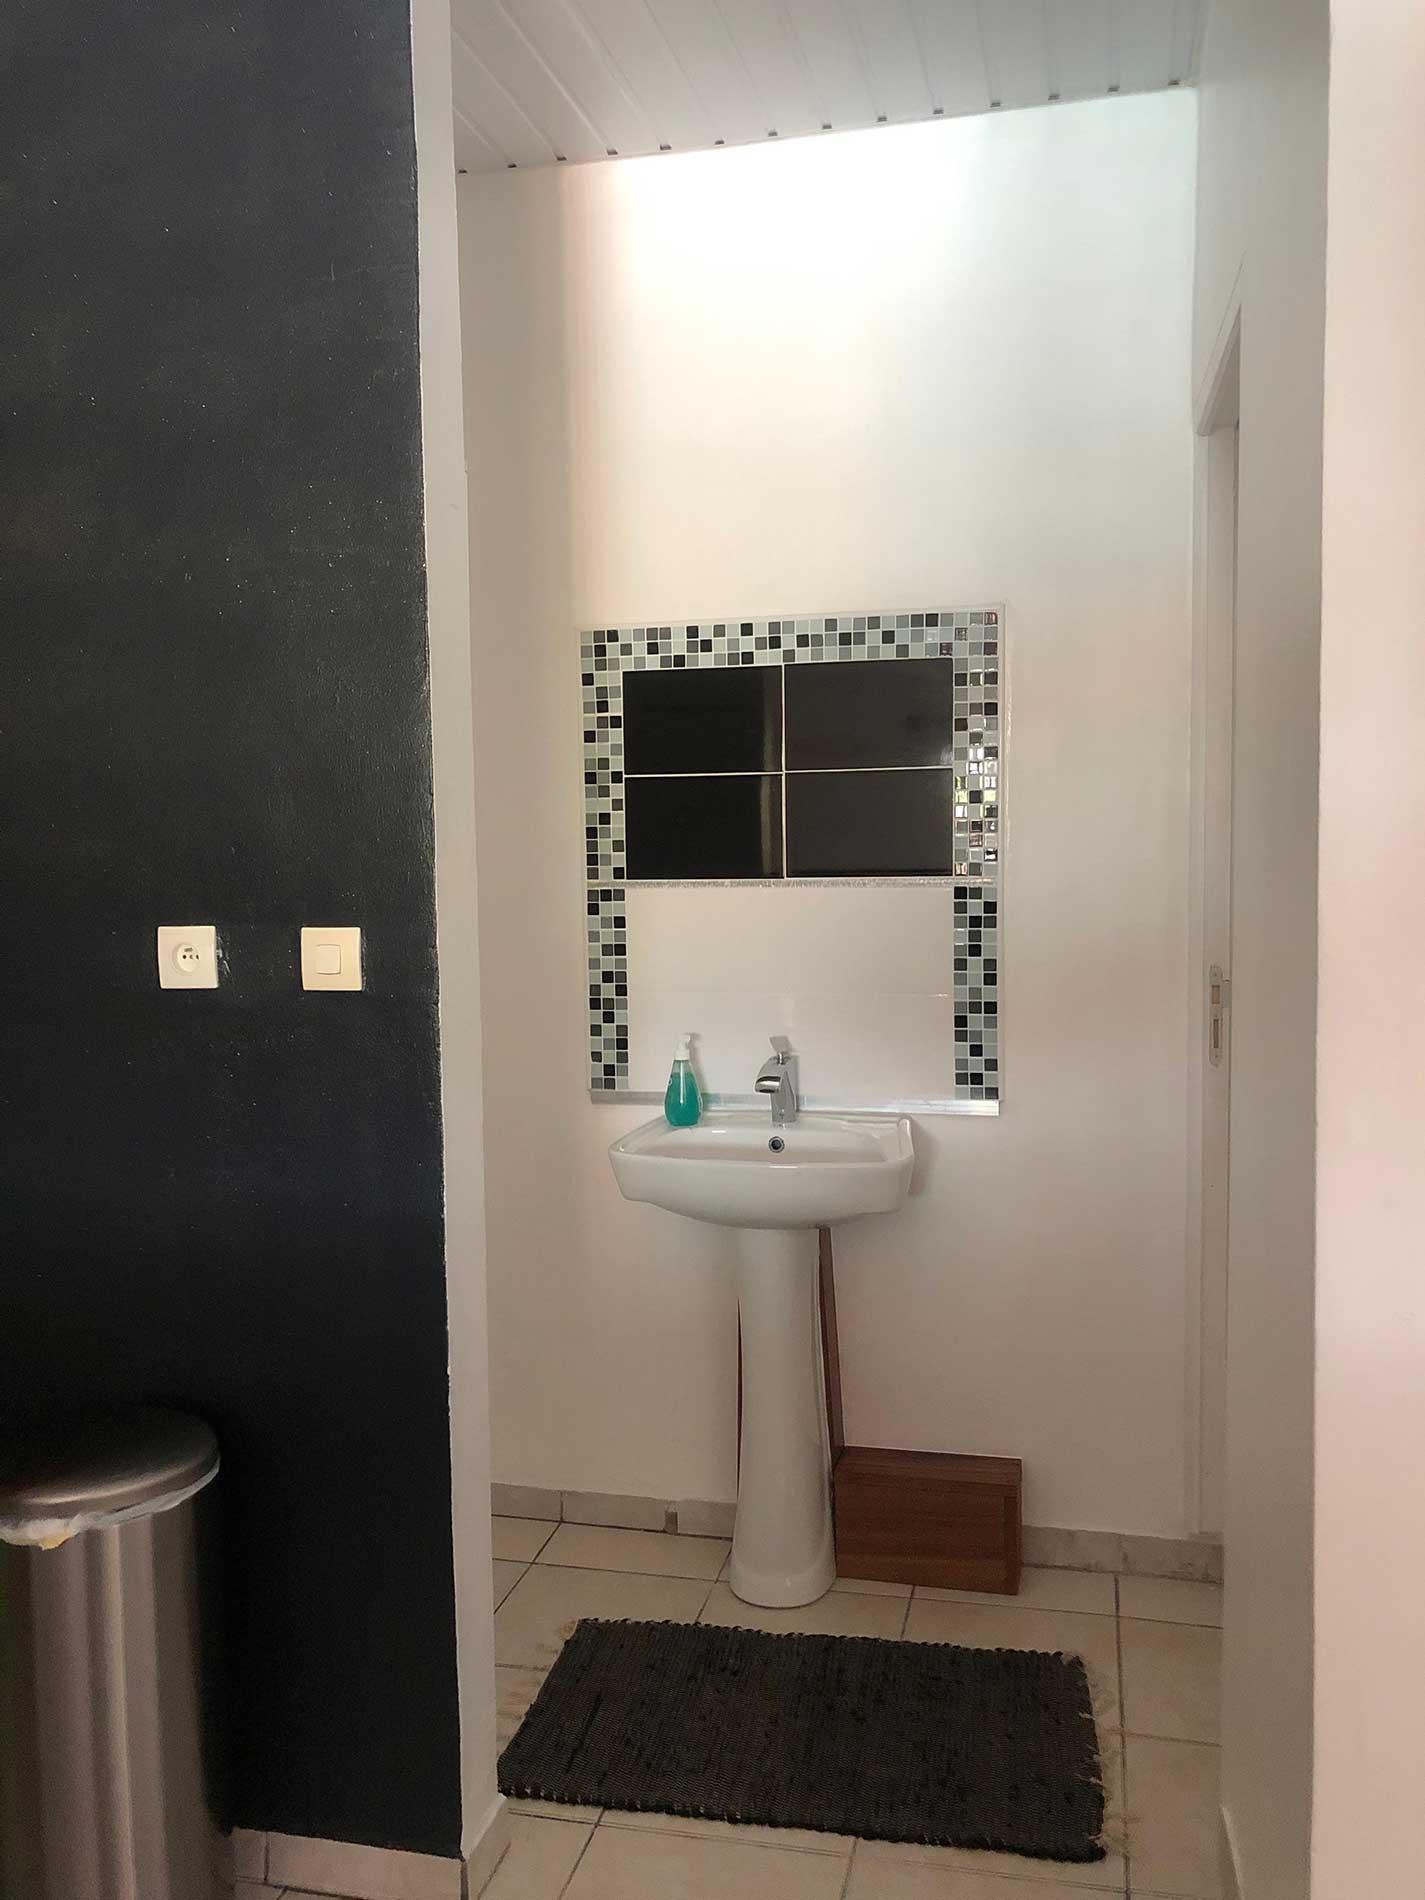 Vue sur l'entrée de l'espace toilettes, dans lequel on voit le lavabo sur pied et la faïence noir et blanche